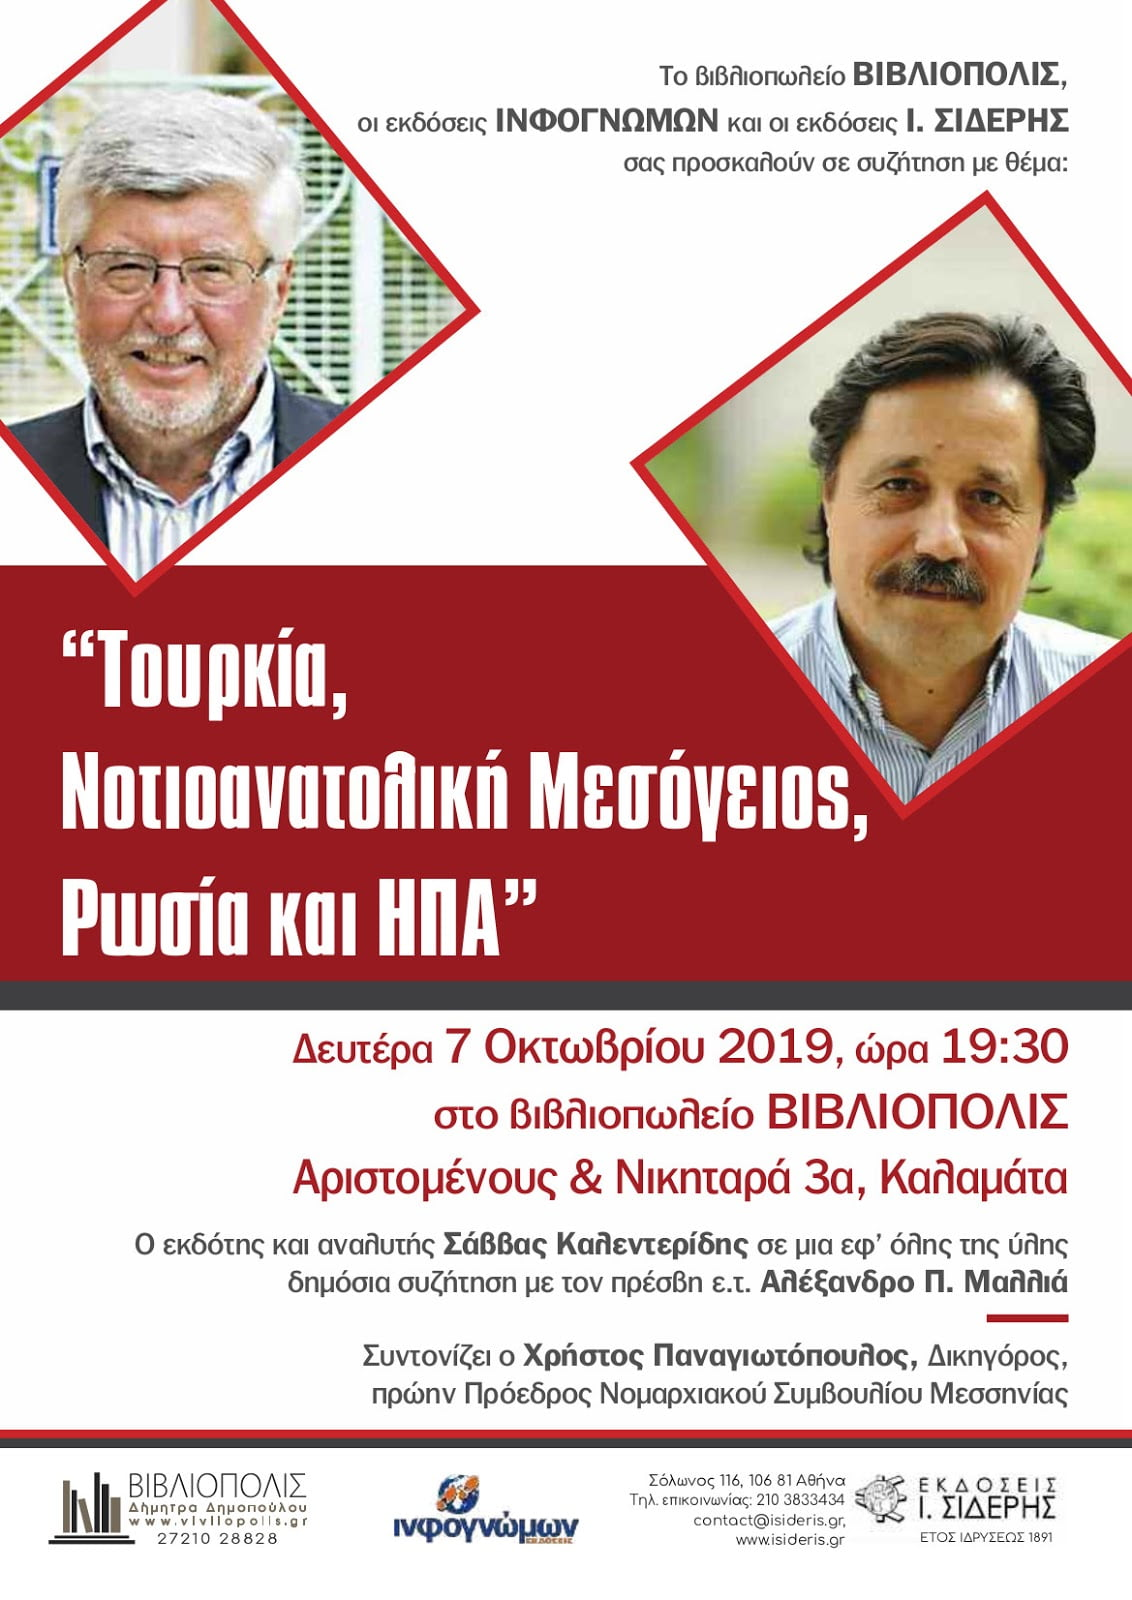 Εκδήλωση στην Καλαμάτα με θέμα: «Τουρκία, Αν. Μεσόγειος, Ρωσία και ΗΠΑ» με τους Αλέξανδρο Μαλλιά και Σάββα Καλεντερίδη